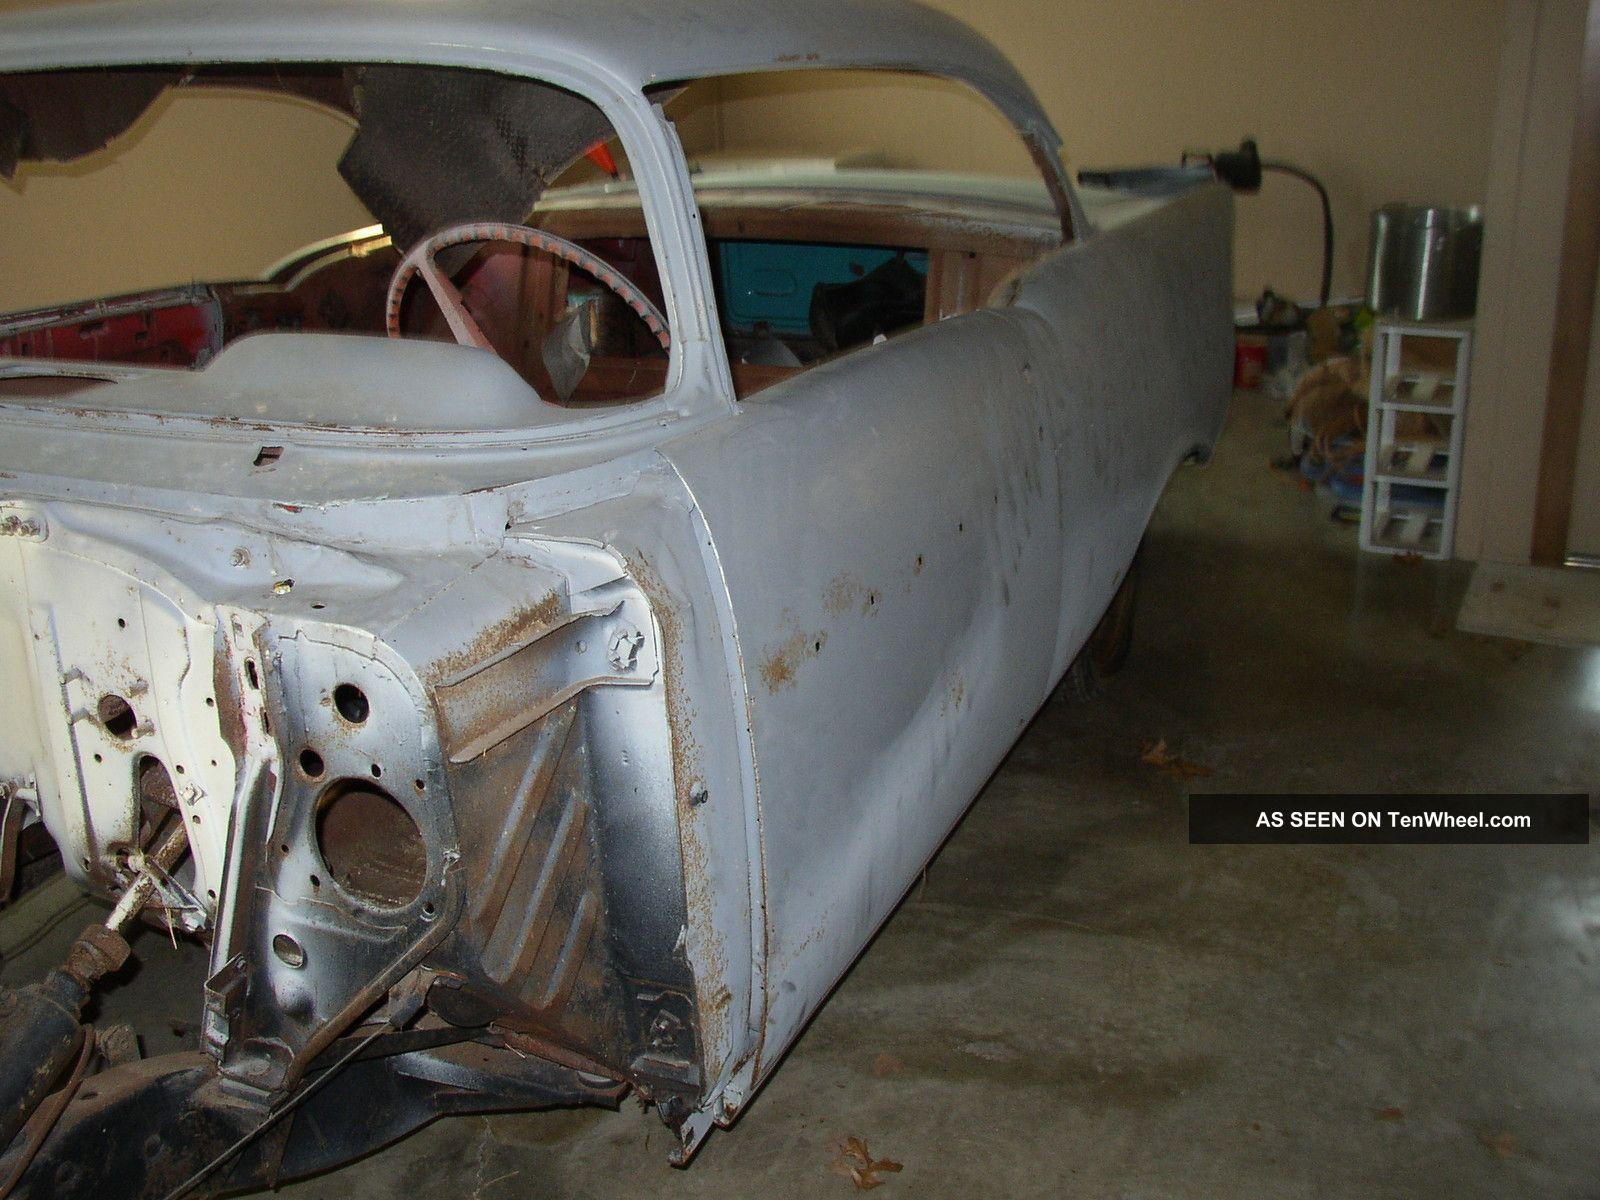 1957 Chevrolet Bel Air 2 Door Hardtop Project Car Bel Air/150/210 photo